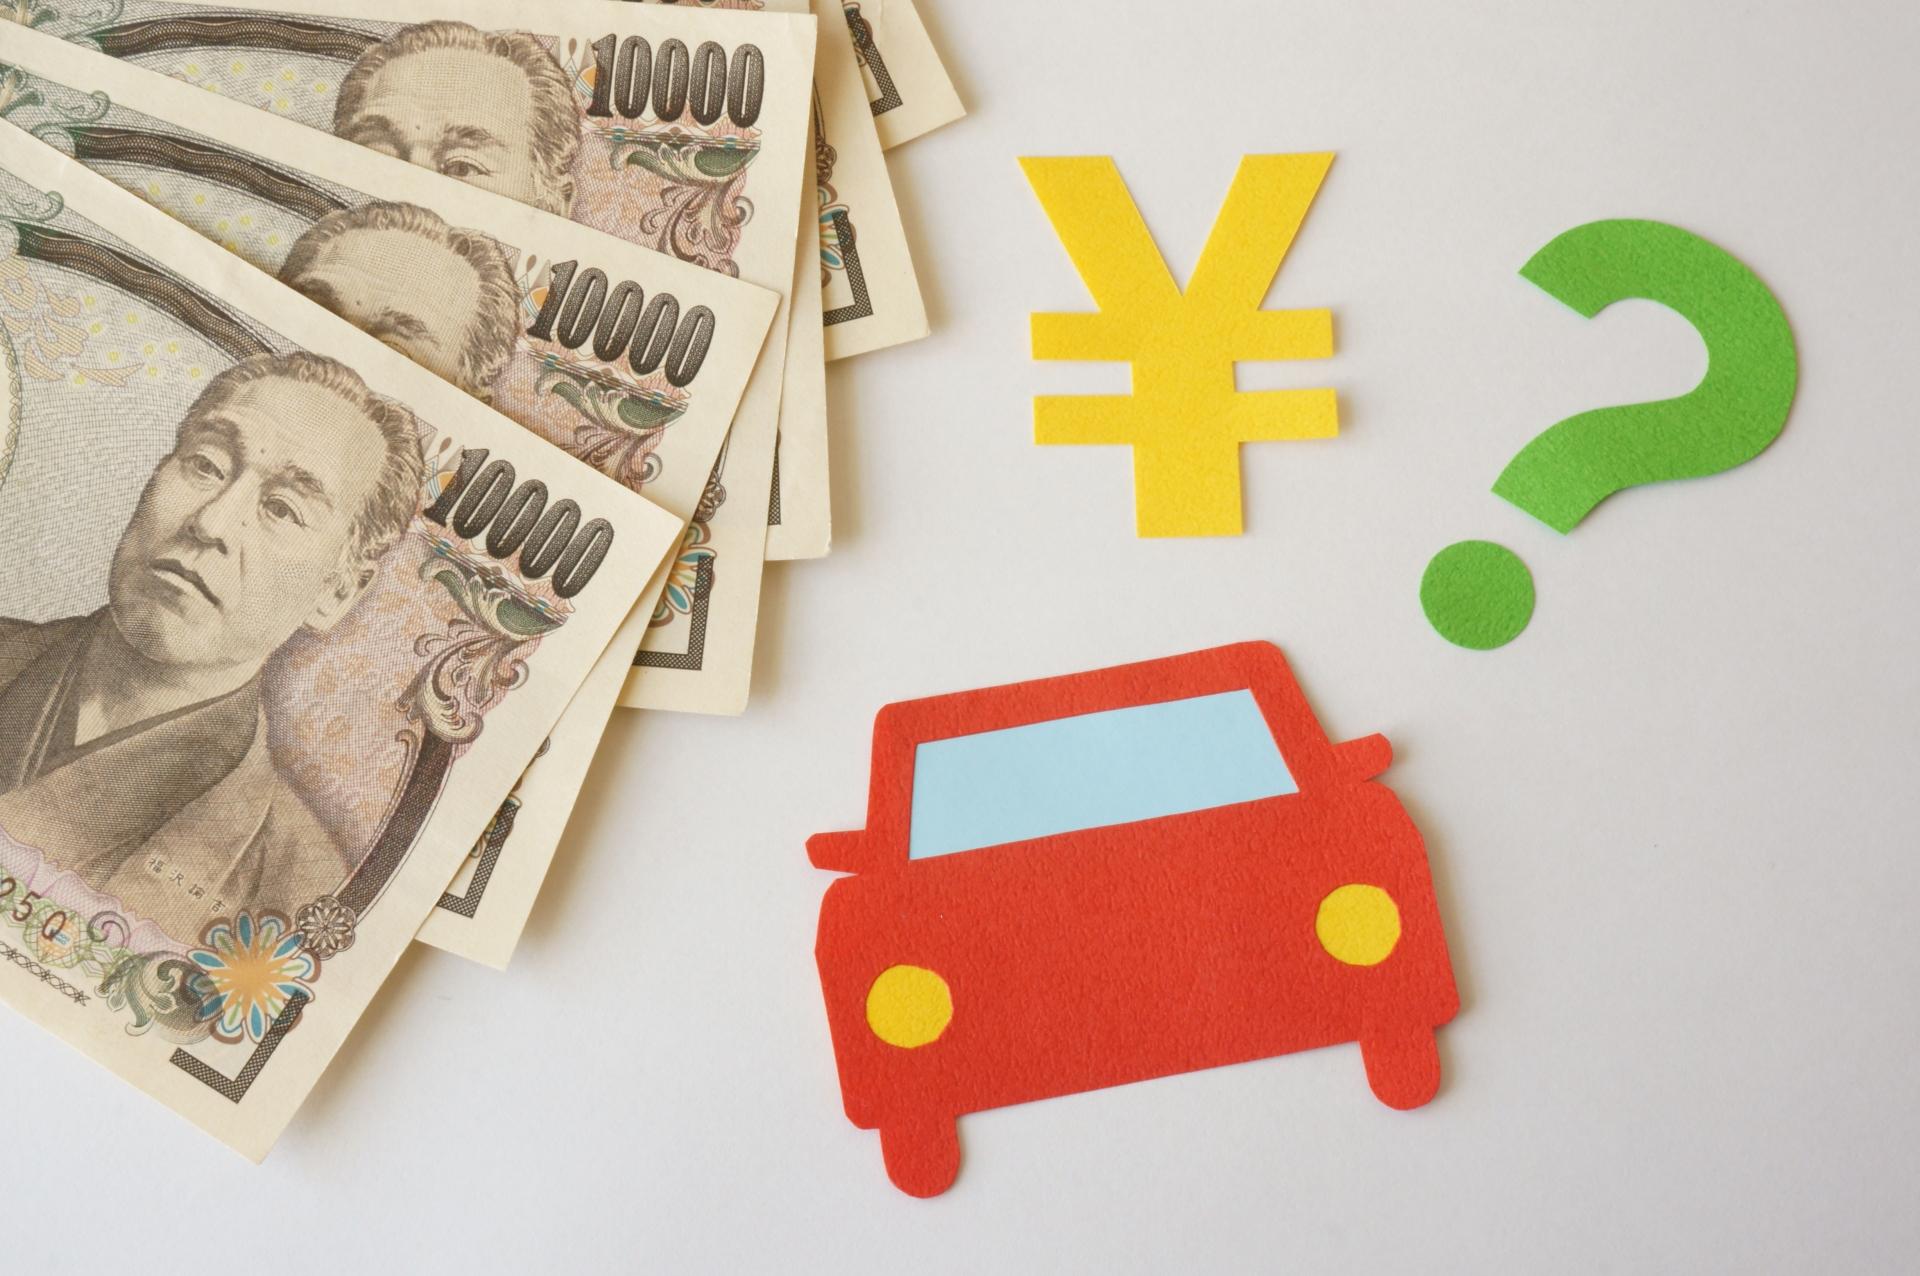 ETCコーポレートカードに切り替えるといくら経費削減できるか?